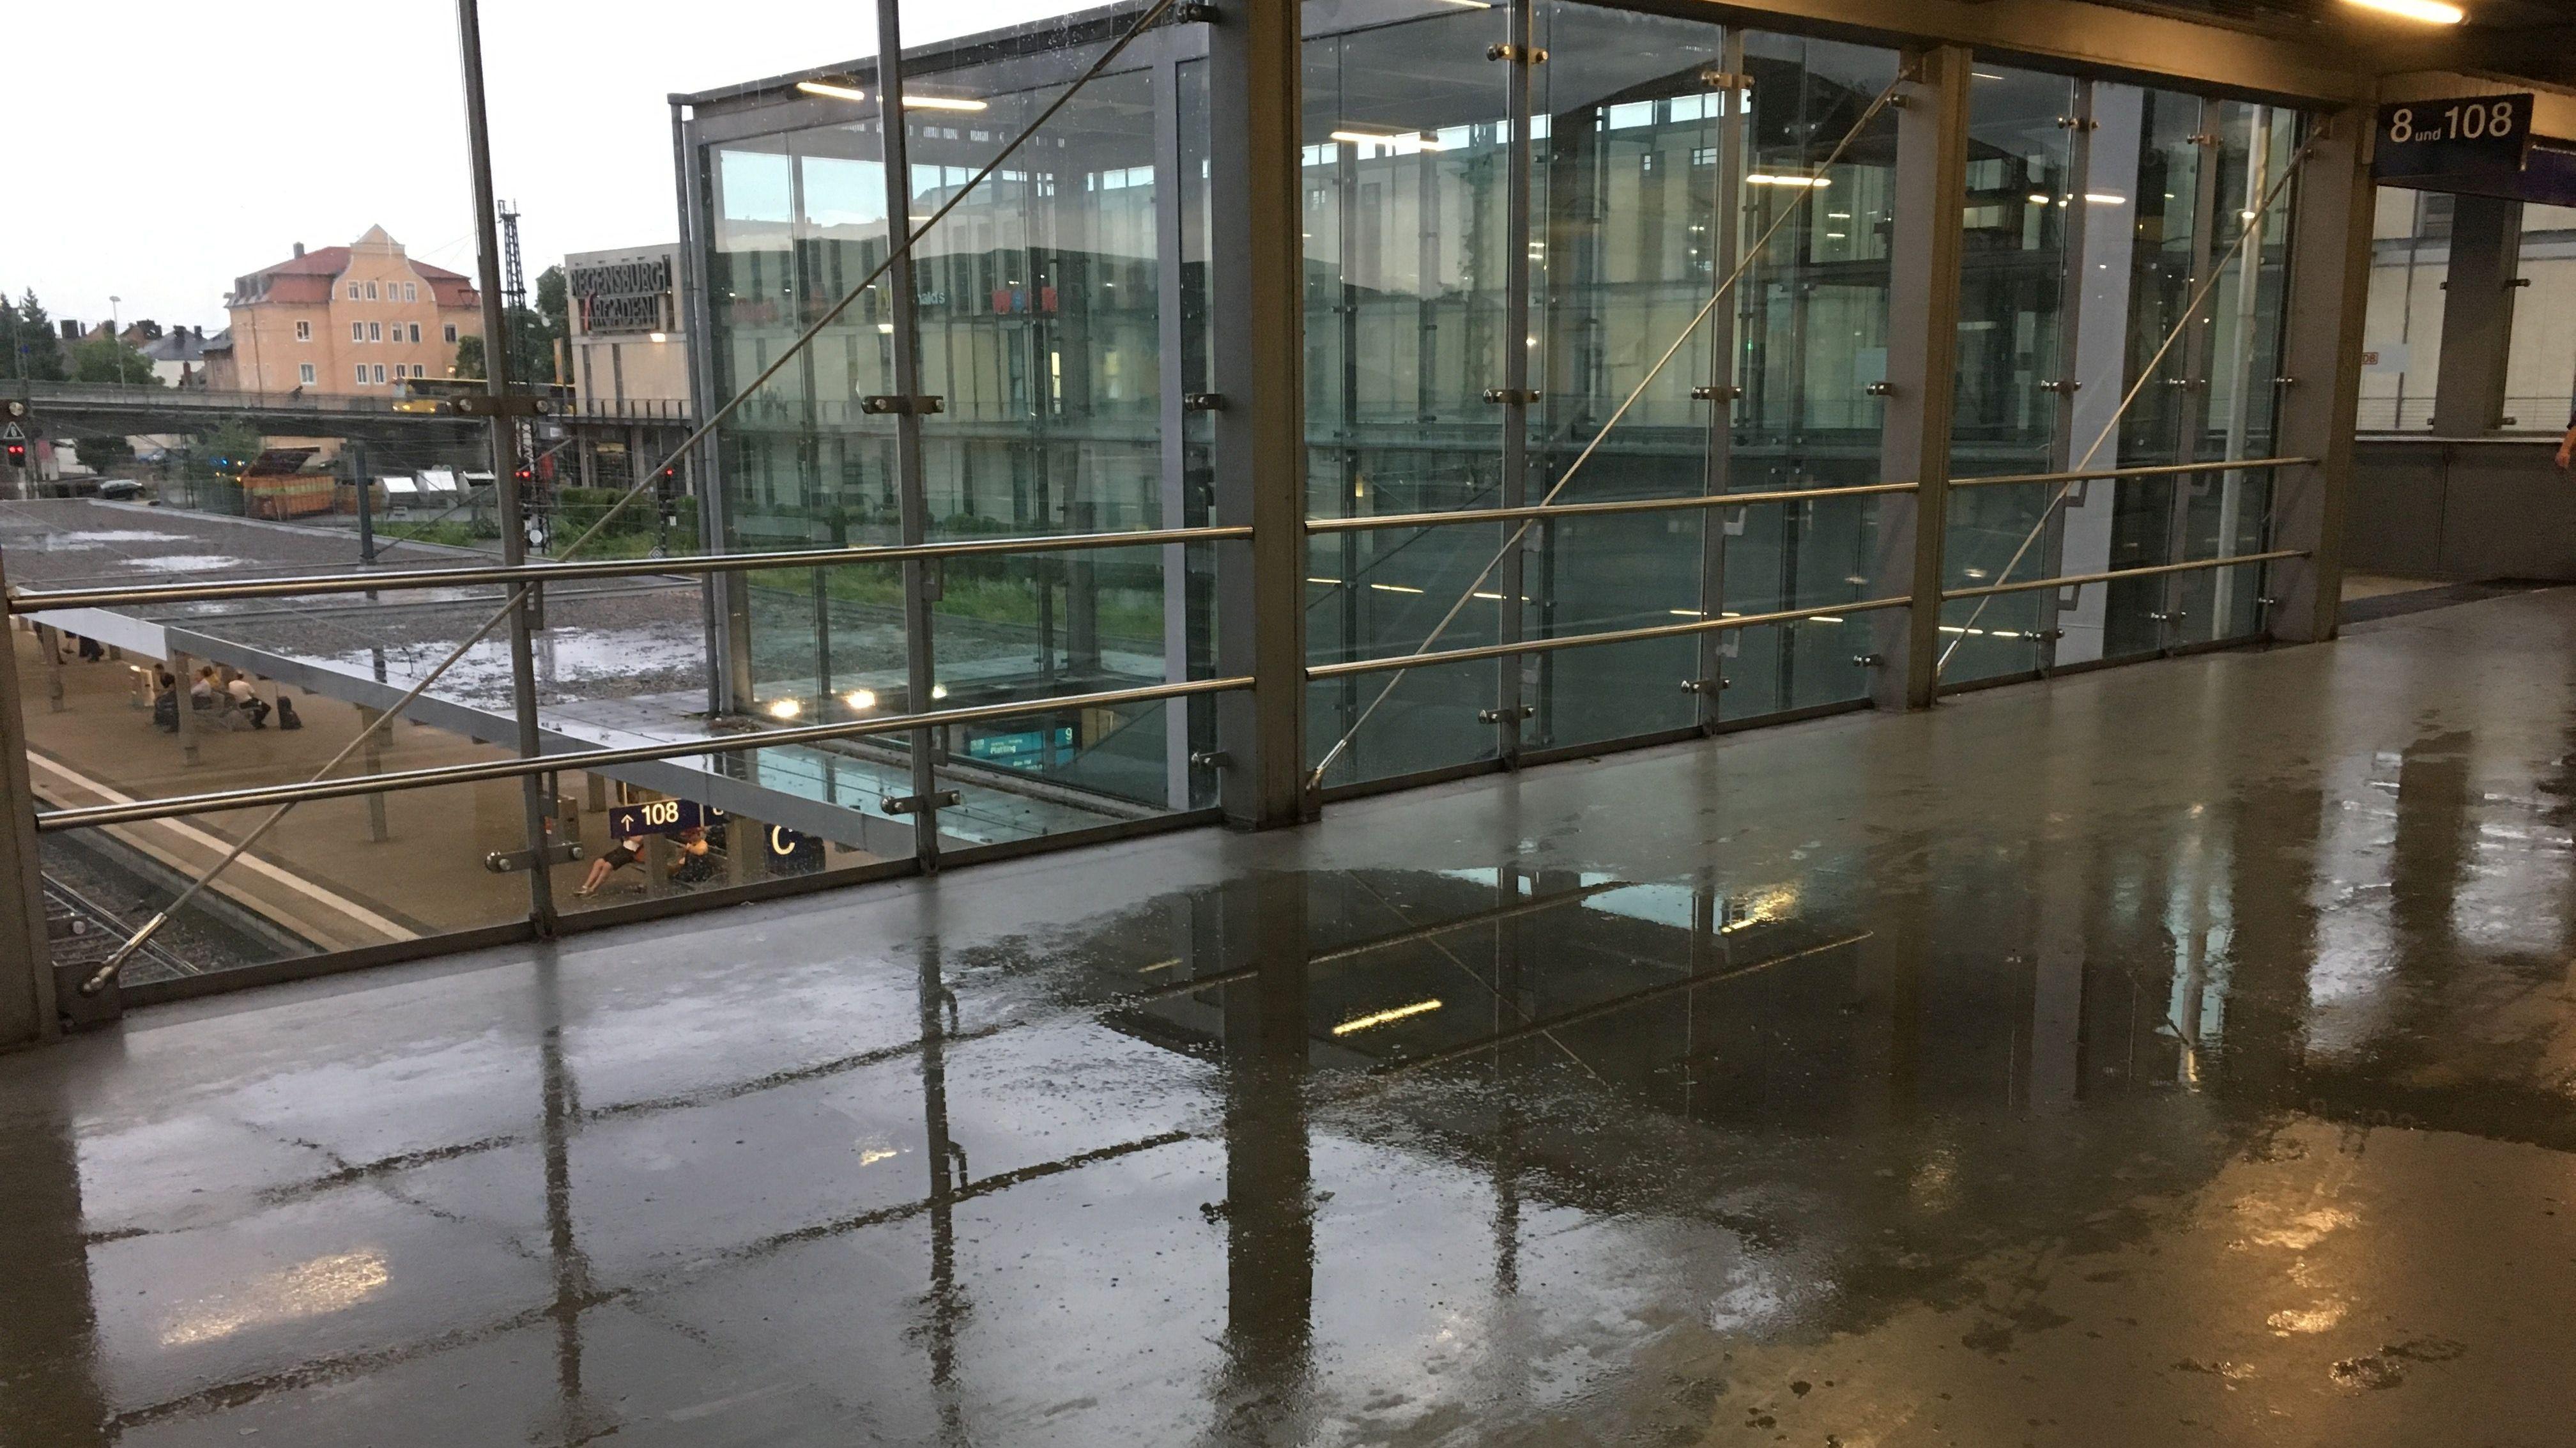 Überschwemmungen in den Arcaden und am Hauptbahnhof Regensburg